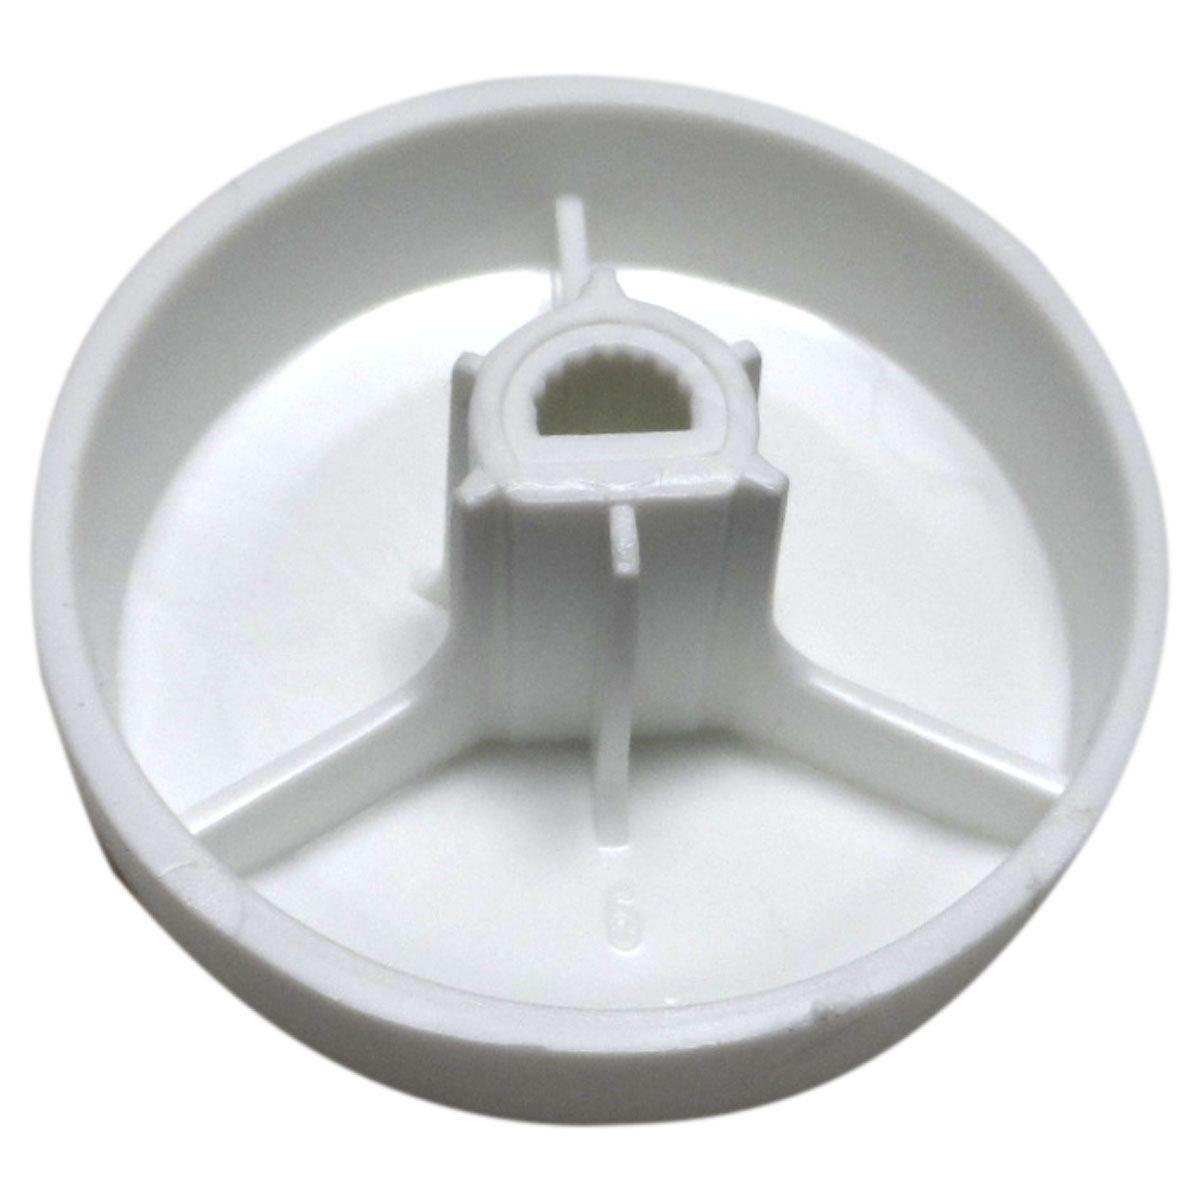 Botão Termostato Refrigerador Brastemp Consul 4227700